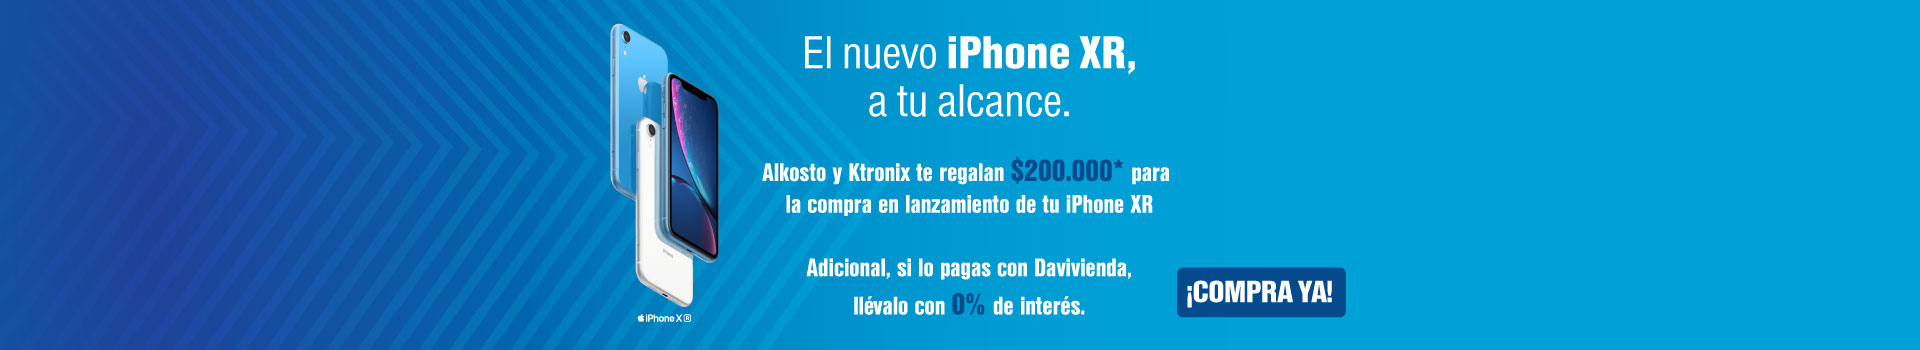 Lanzamiento iPhone XR